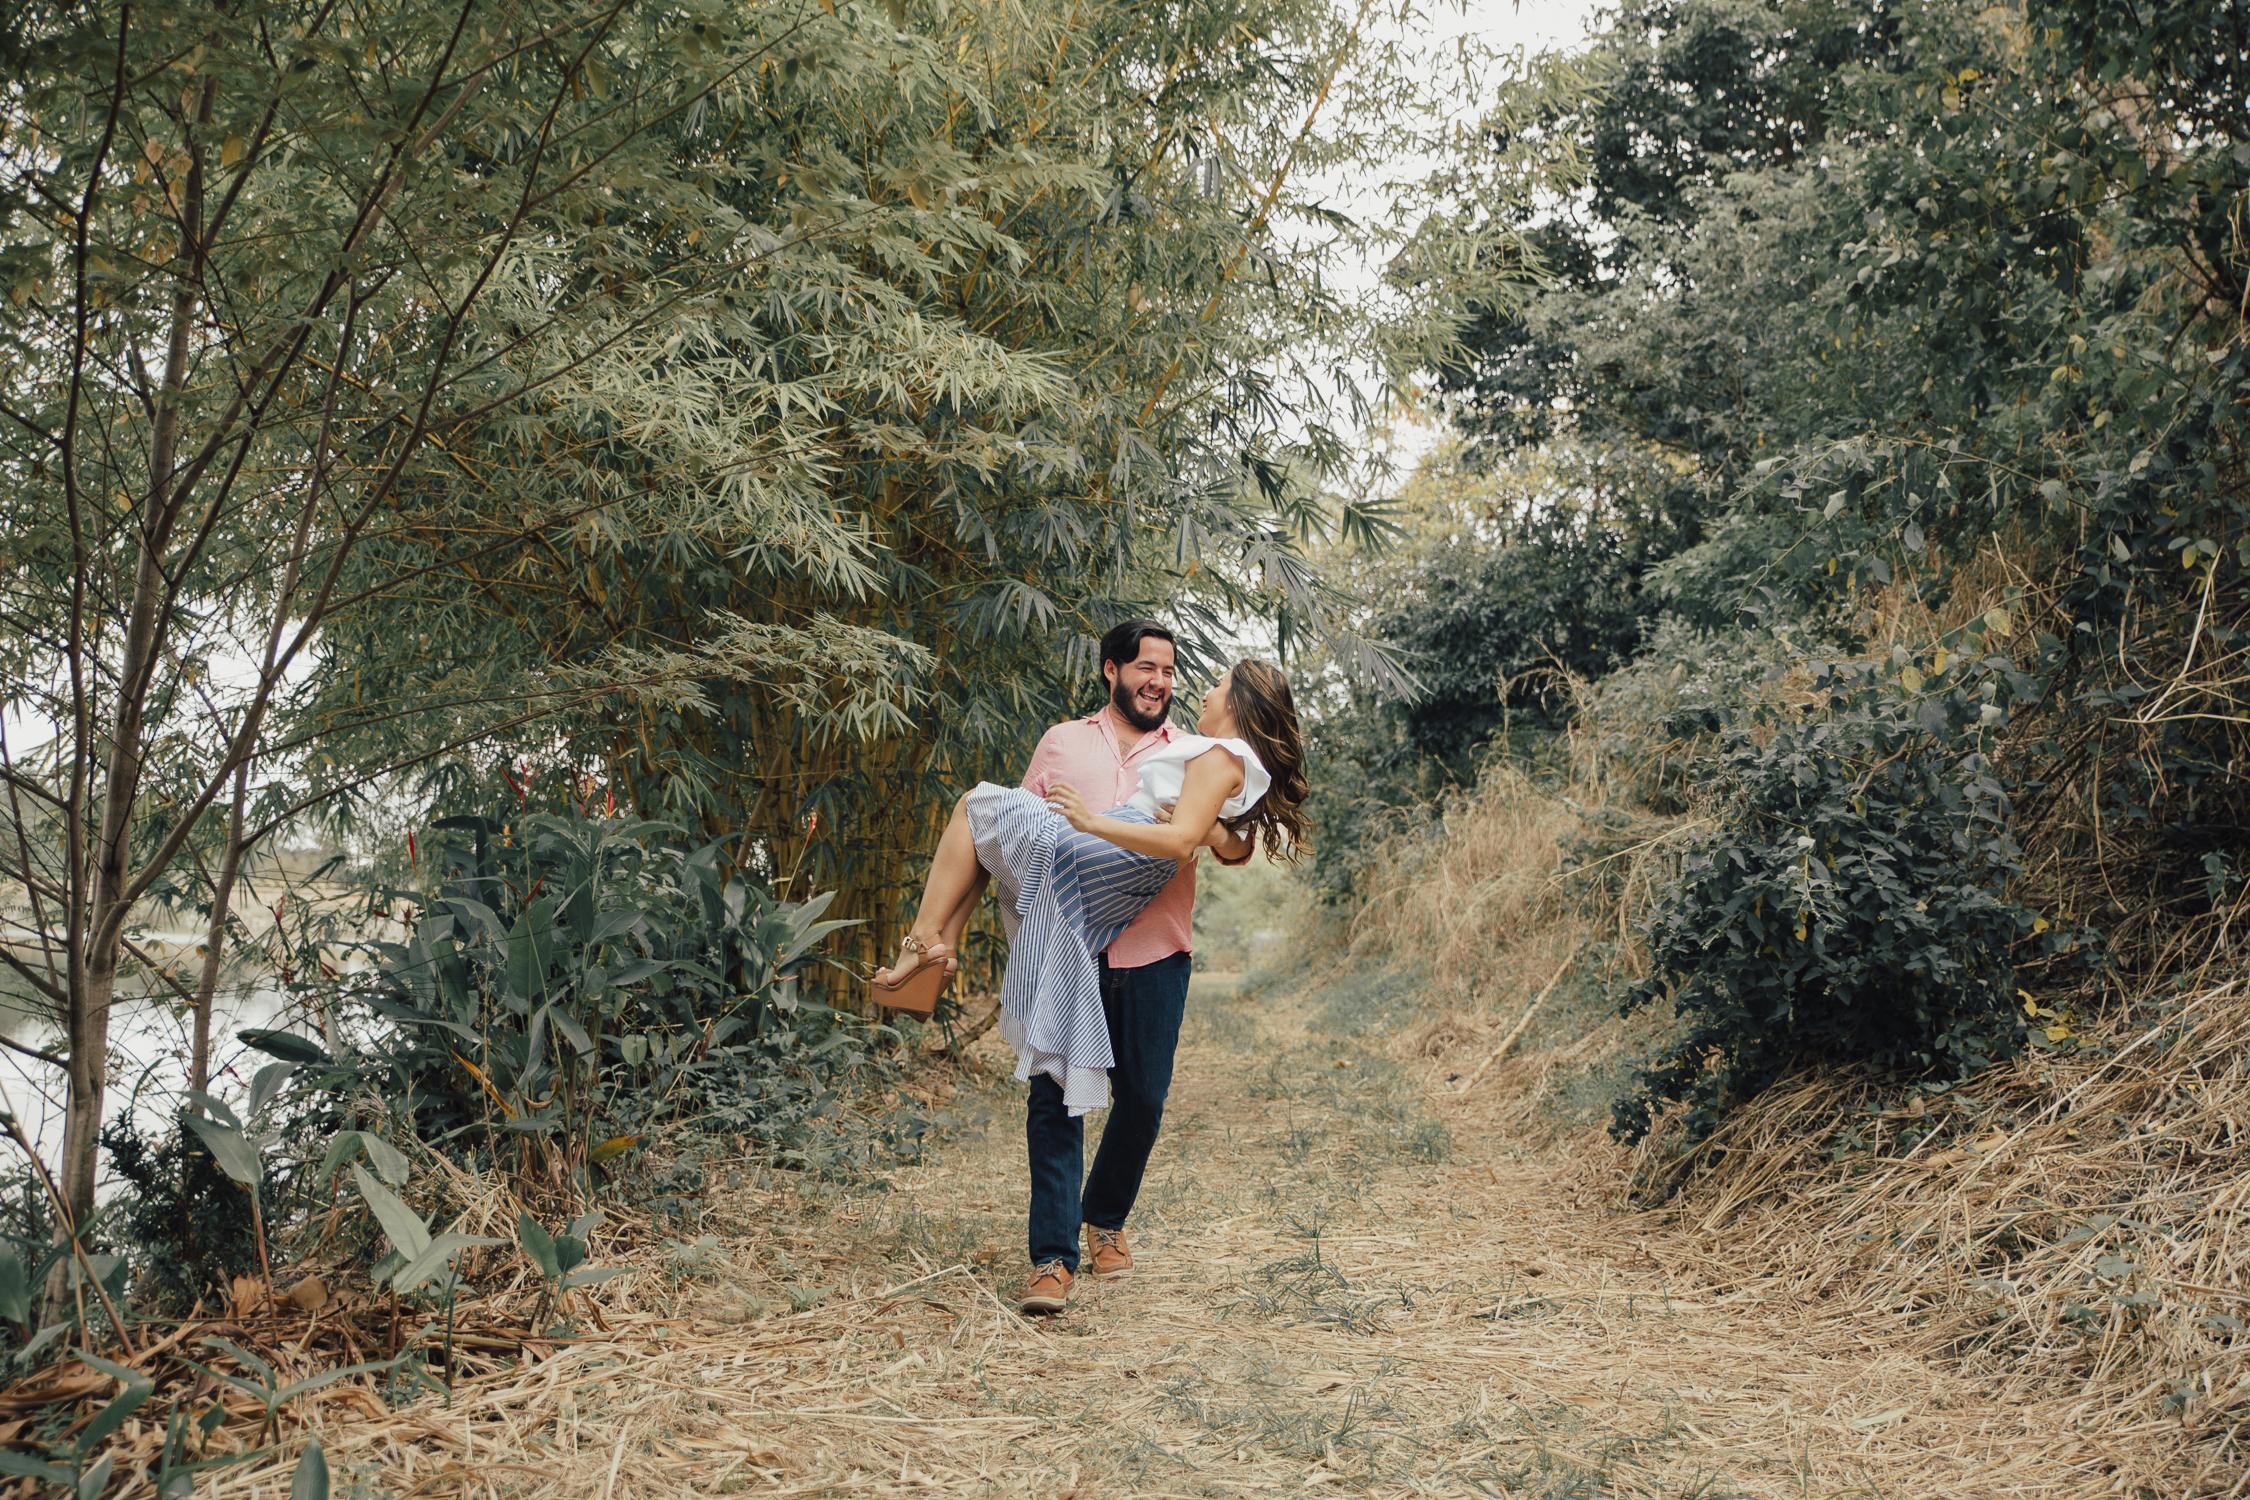 Michelle-Agurto-Fotografia-Bodas-Ecuador-Destination-Wedding-Photographer-Sesion-Maria-Gracia-Bonfy-49.JPG